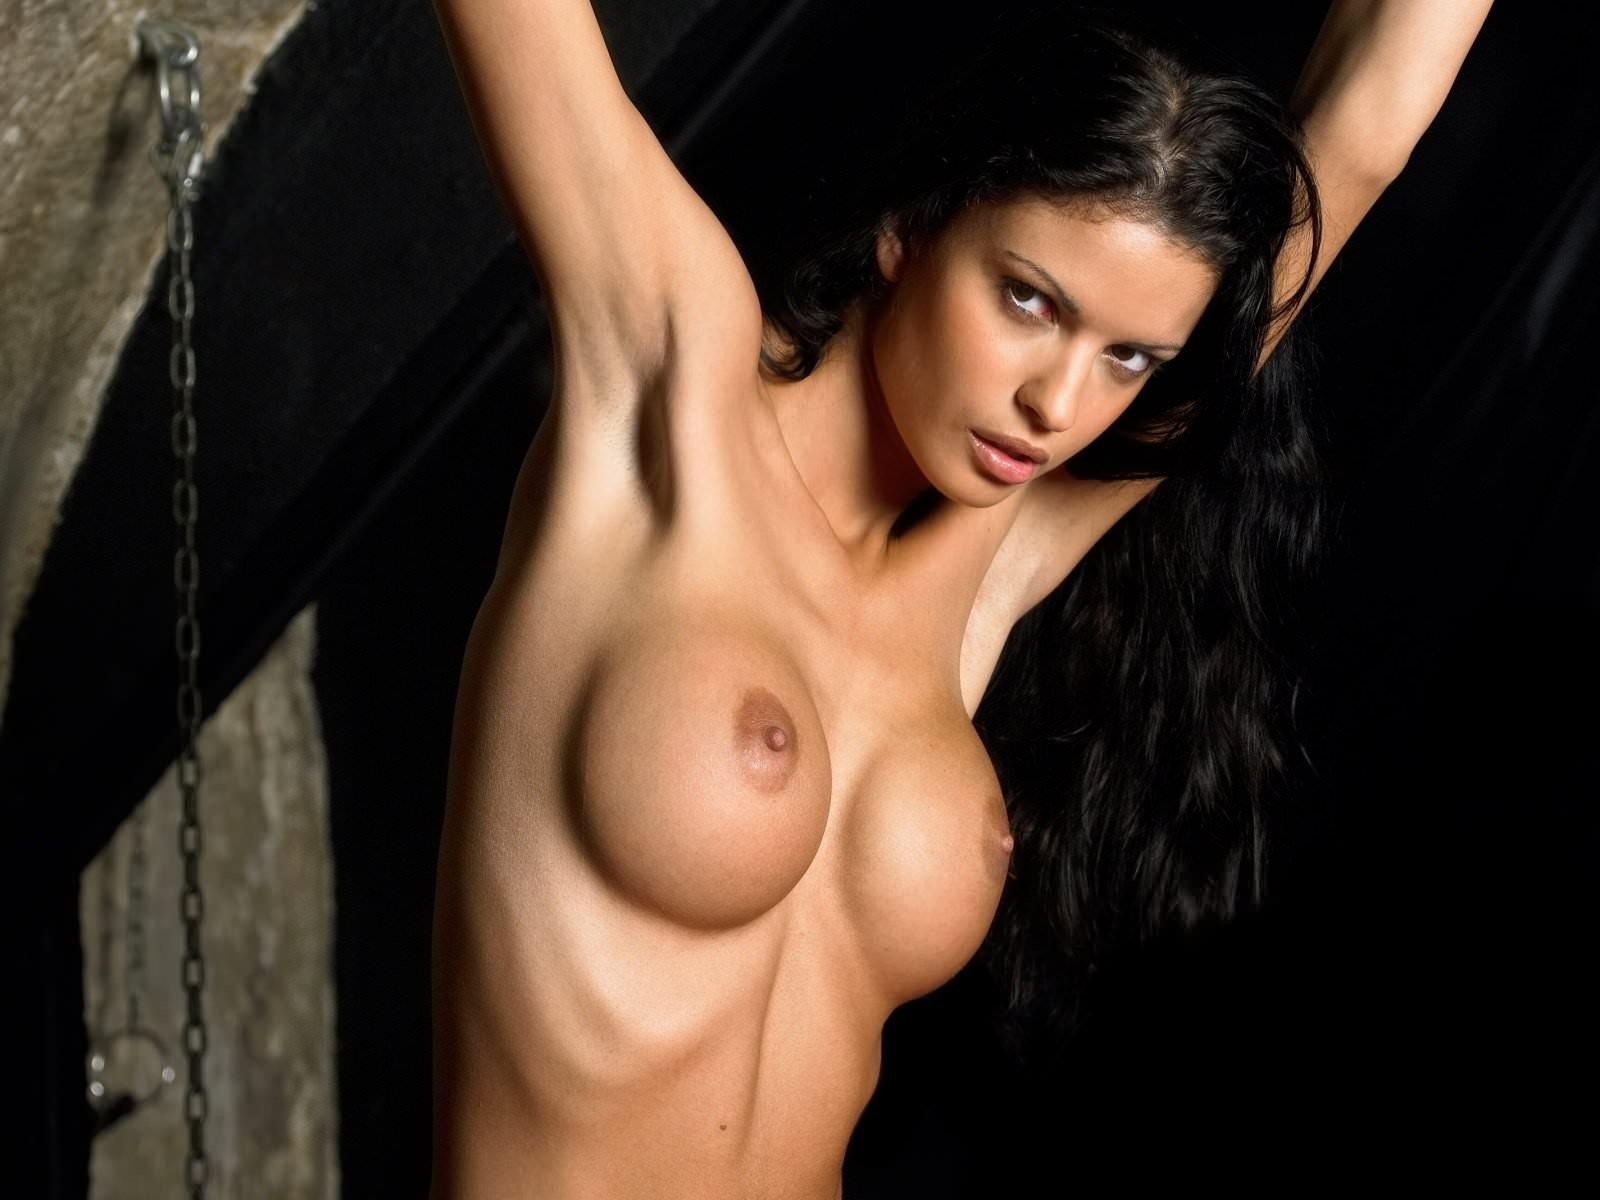 Фото Возбуждающая обнаженная брюнетка с пронзающим взглядом, голые округлые сиськи, коричневые соски, прекрасная голая женская грудь, круглые сиськи. Round naked tits, perfect boobs, naked sexy brunette, nude girl, hand up, hard nipples, great tits, скачать картинку бесплатно